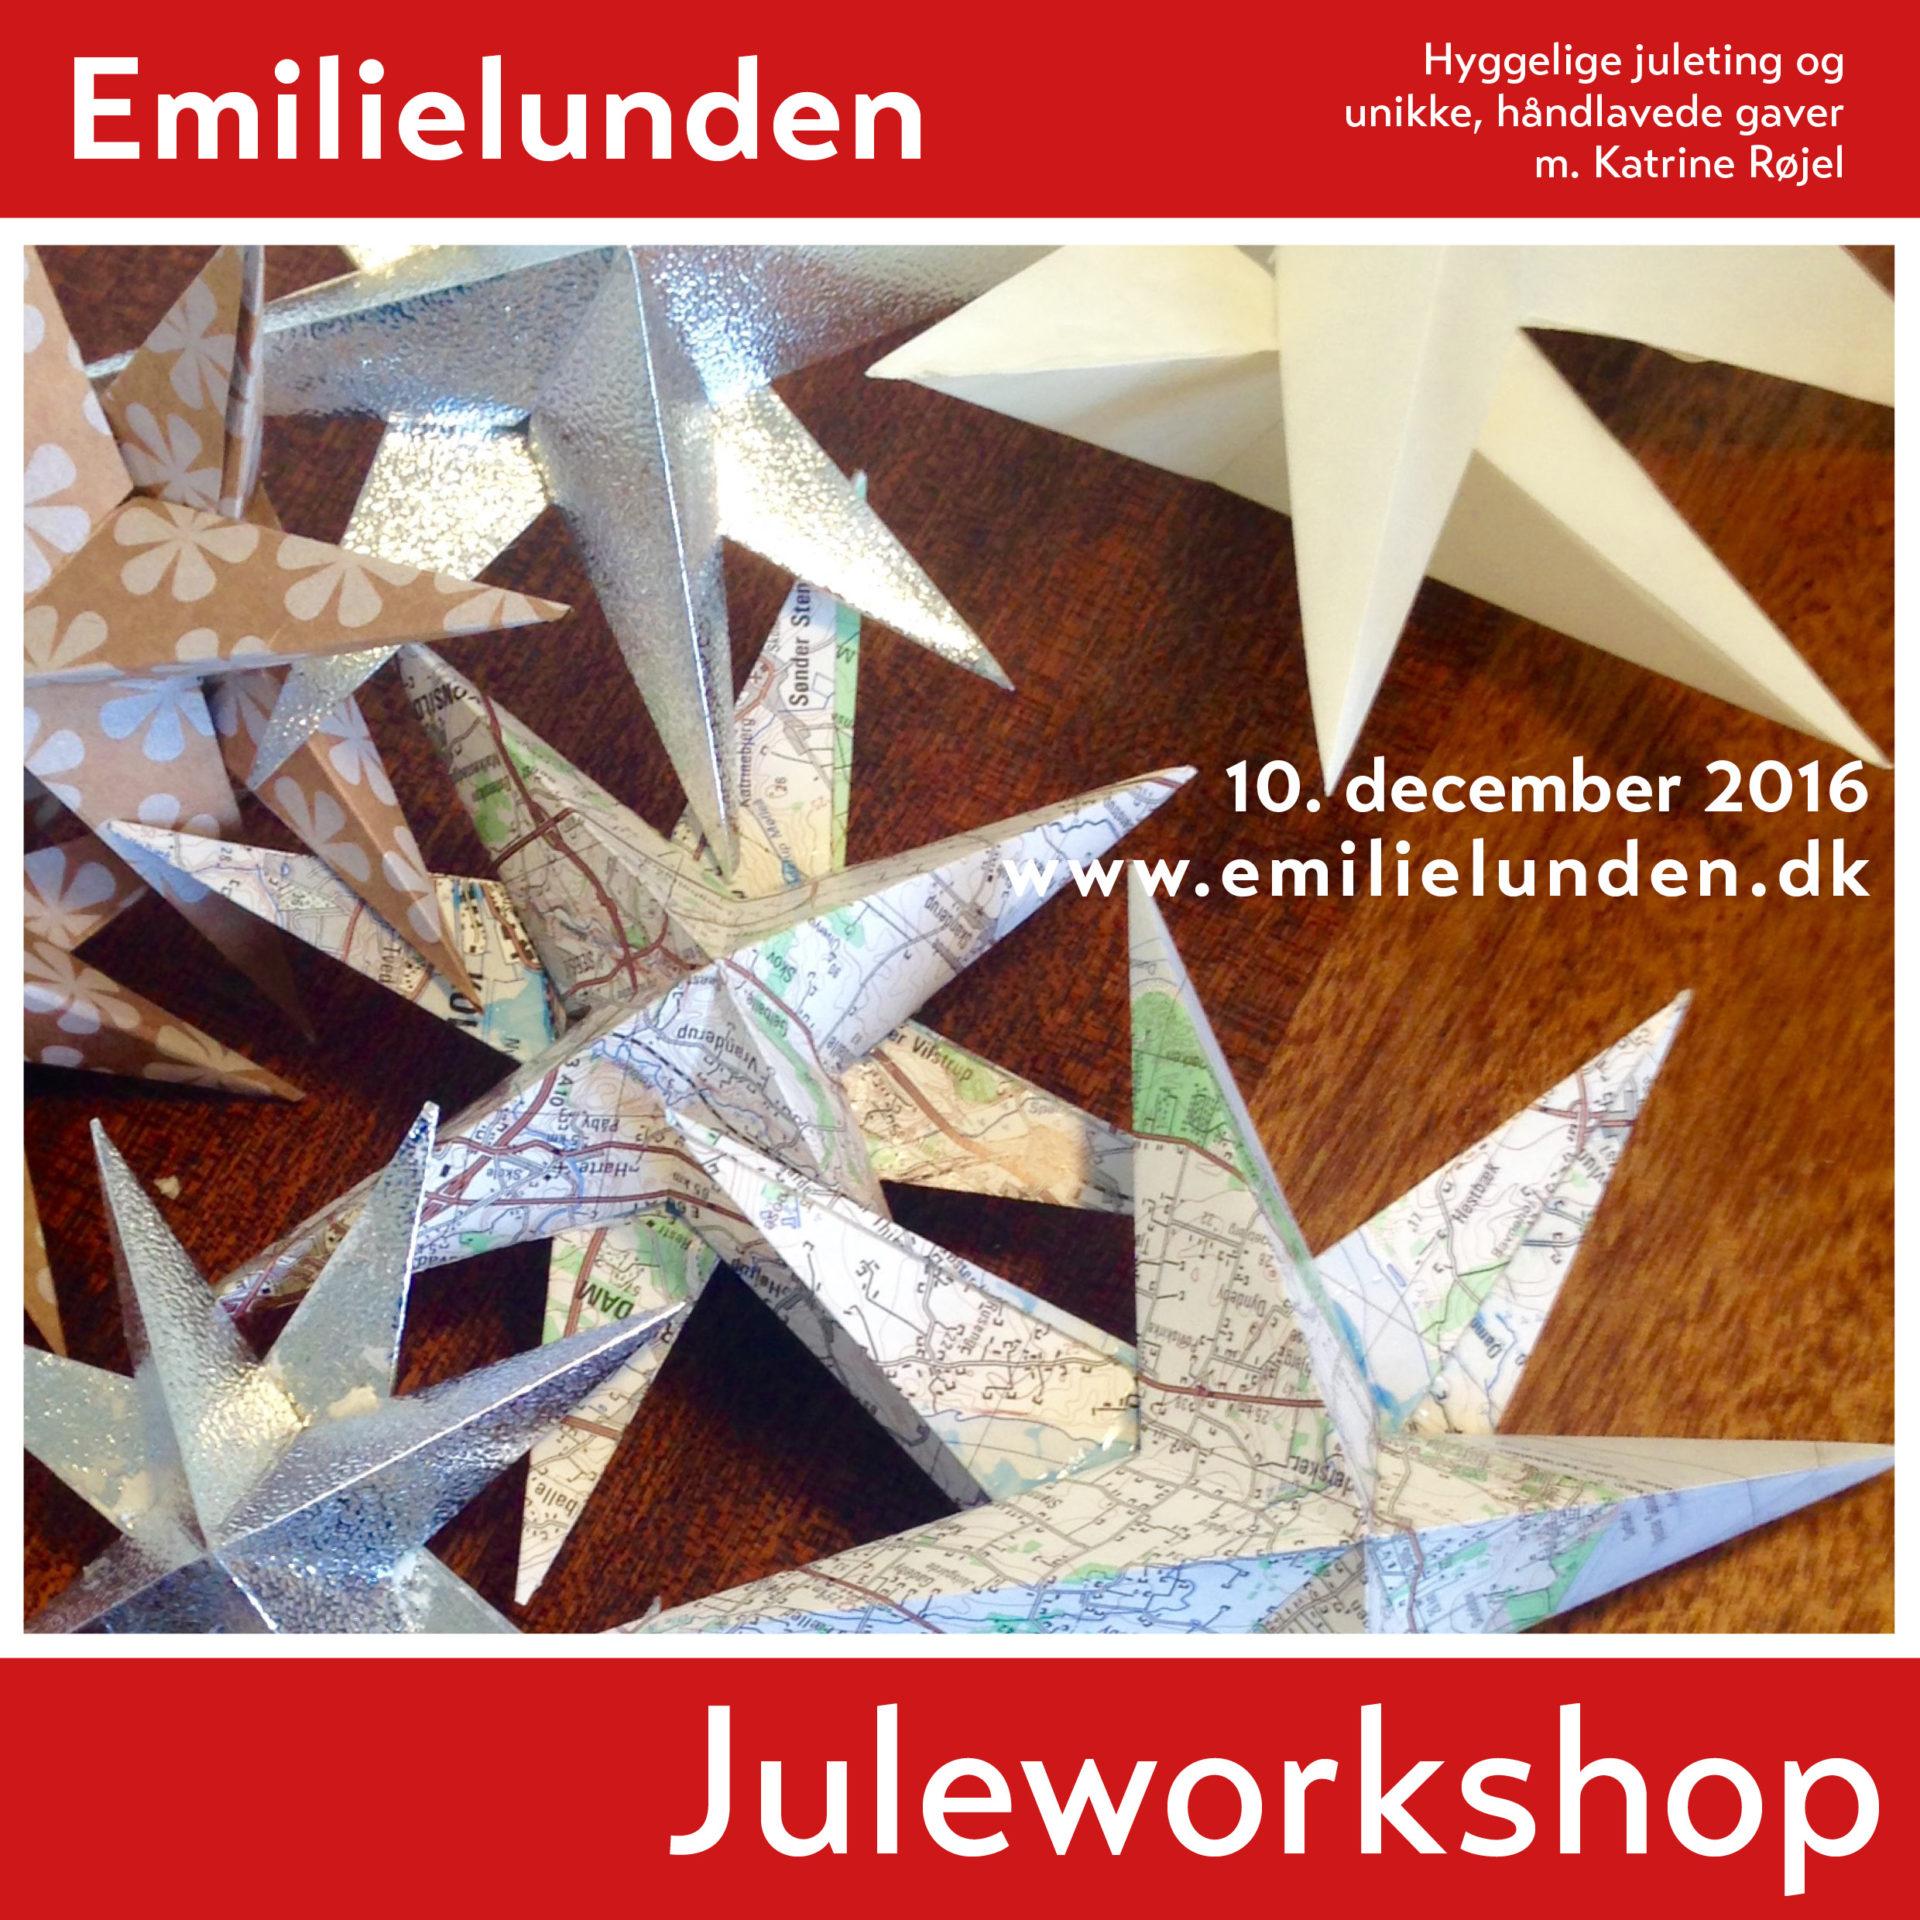 juleworkshop-2016-fb